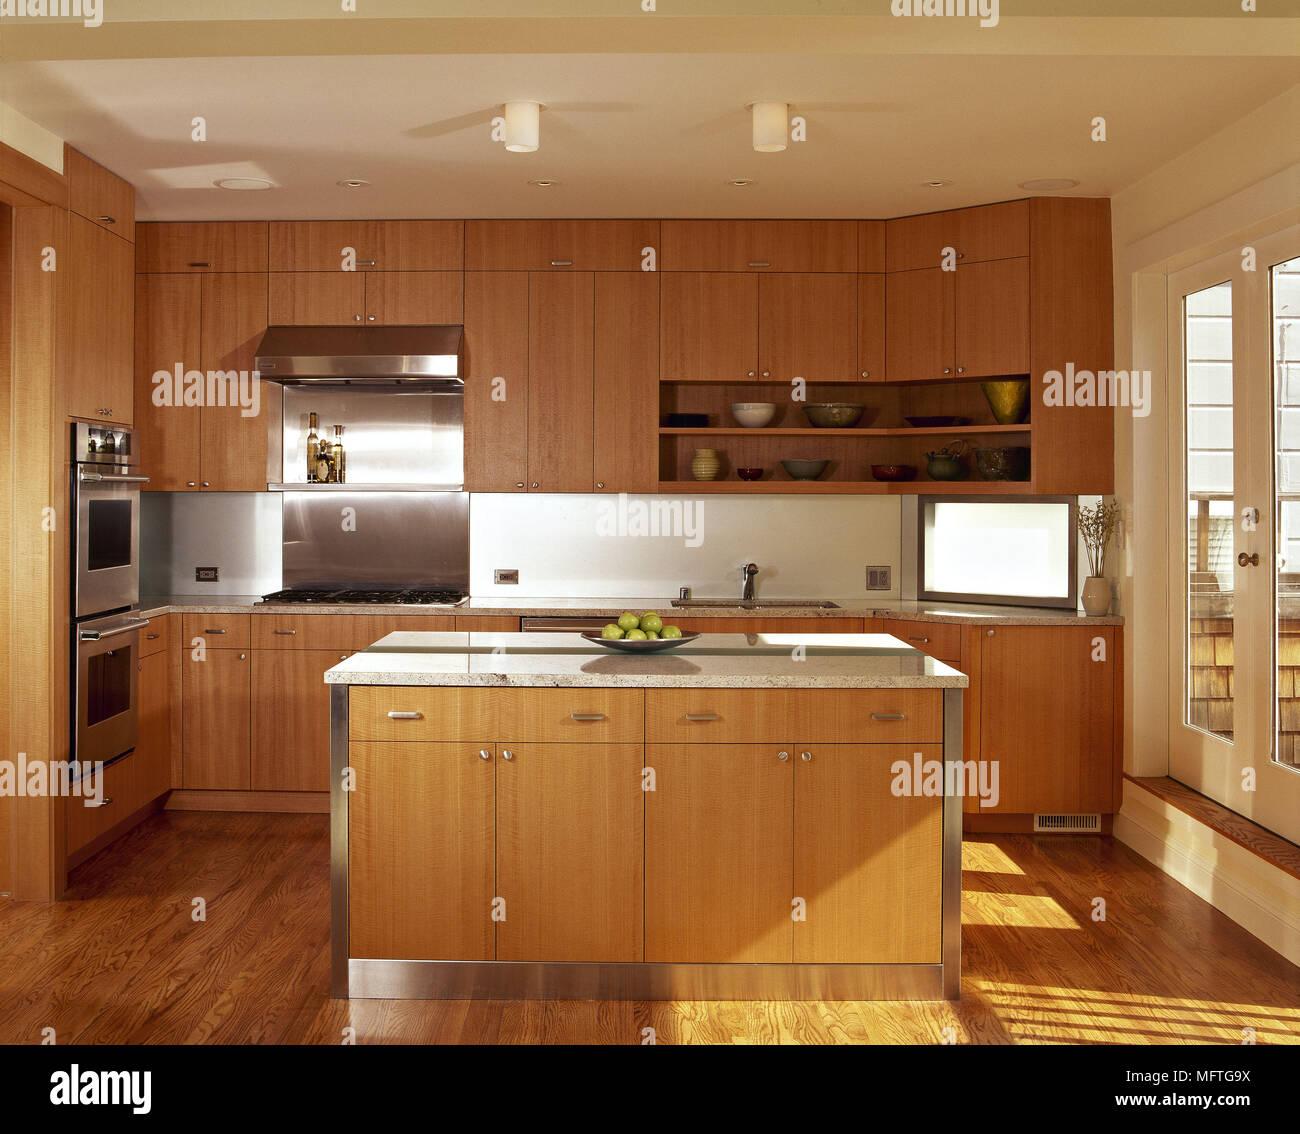 Moderna cucina minimalista isola centrale unità unità di legno ...